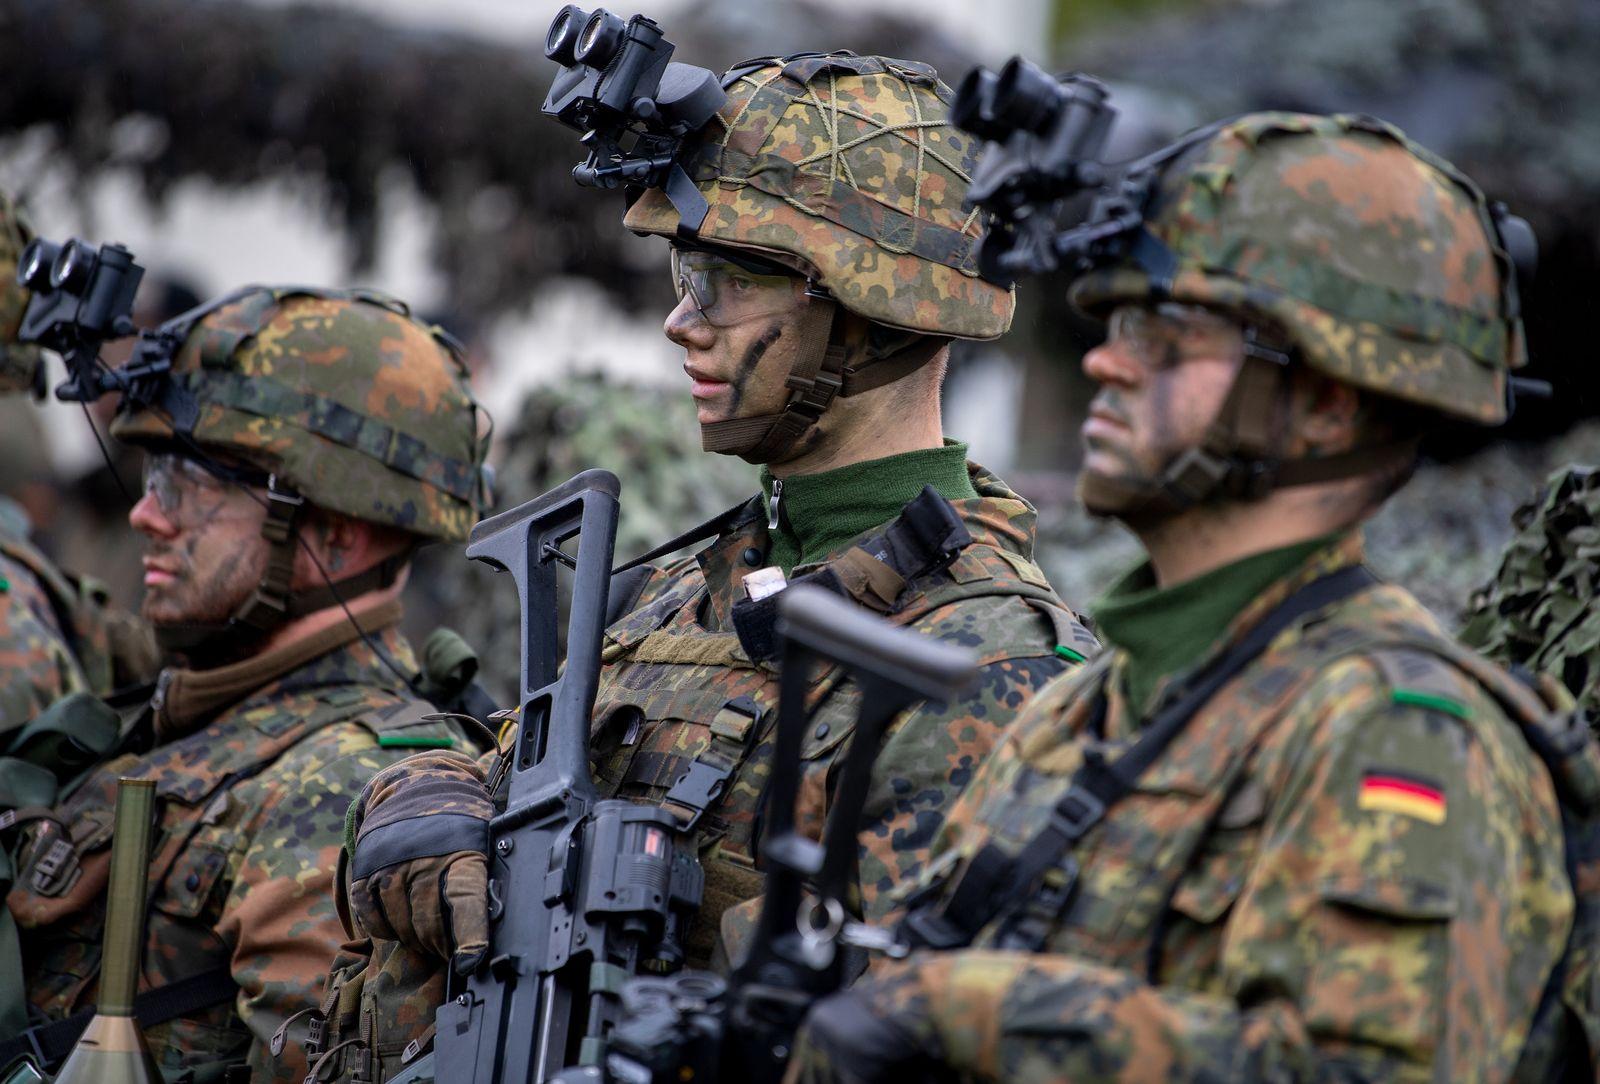 Verteidigungsausgaben könnten 2020 auf 50 Milliarden Euro steigen